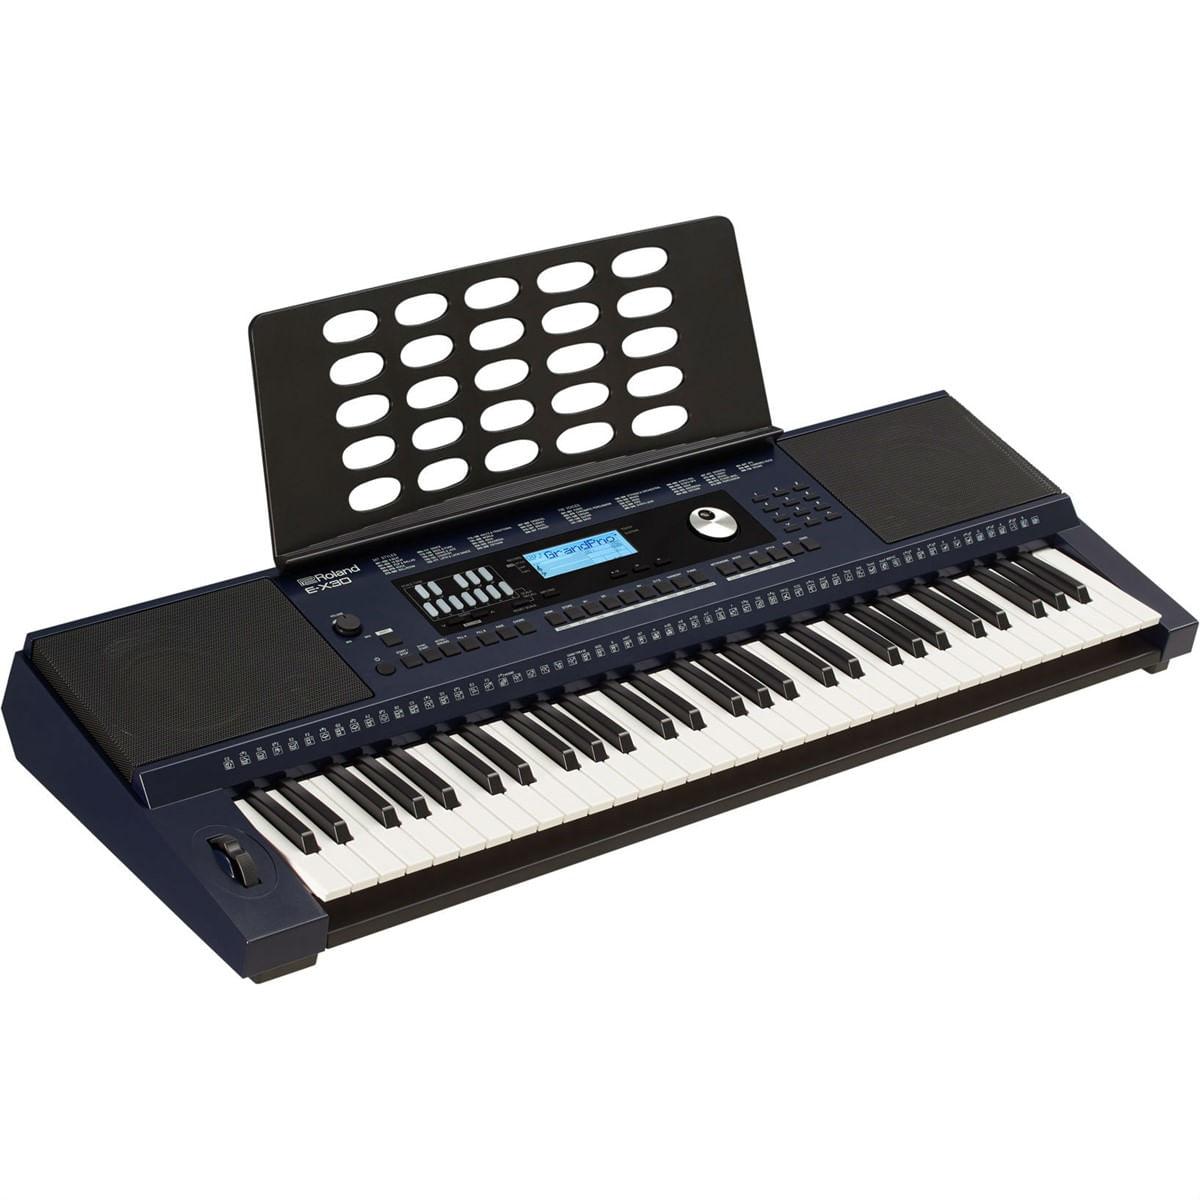 teclado-arranjador-e-x30-roland-2